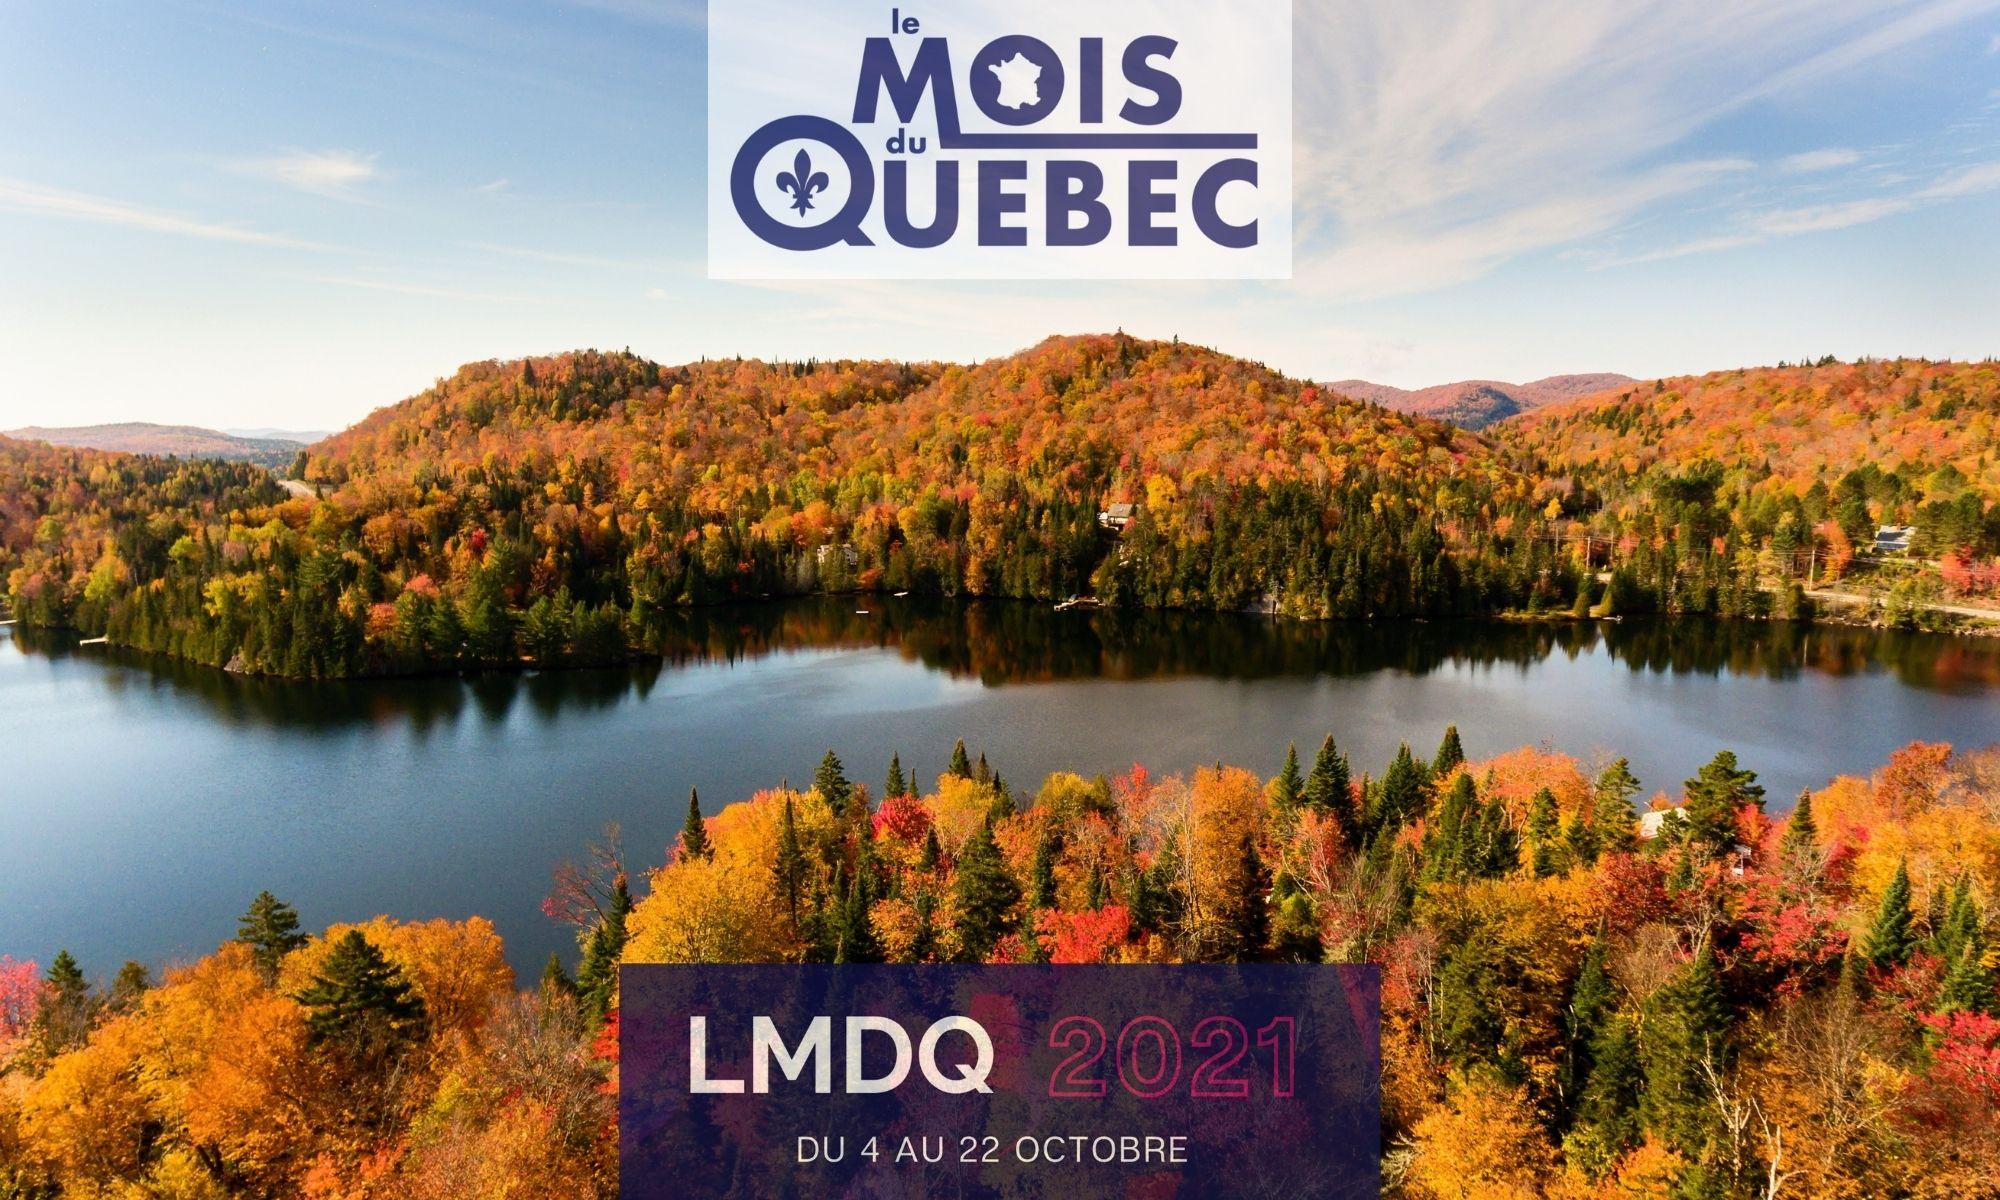 """""""Le Mois du Québec 2021"""", pour s'expatrier au Canada francophone"""